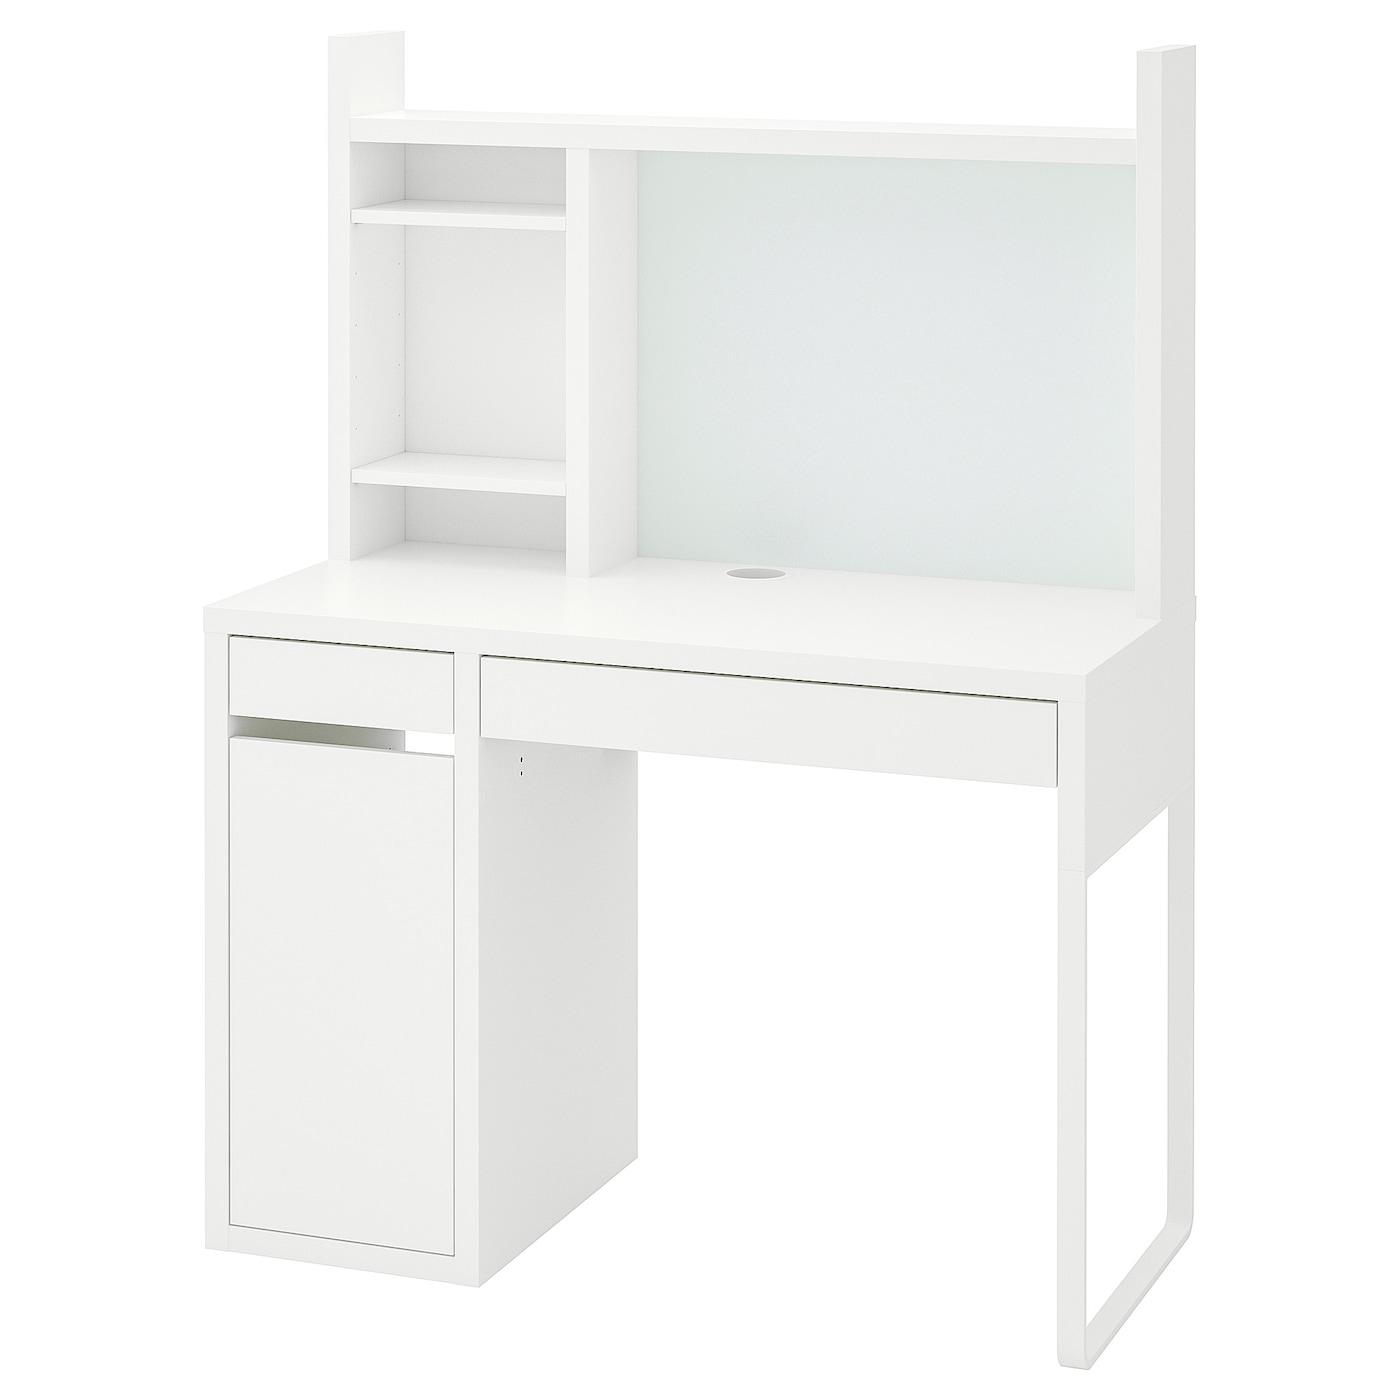 Micke Desk White 41 3 8x19 5 8 Add